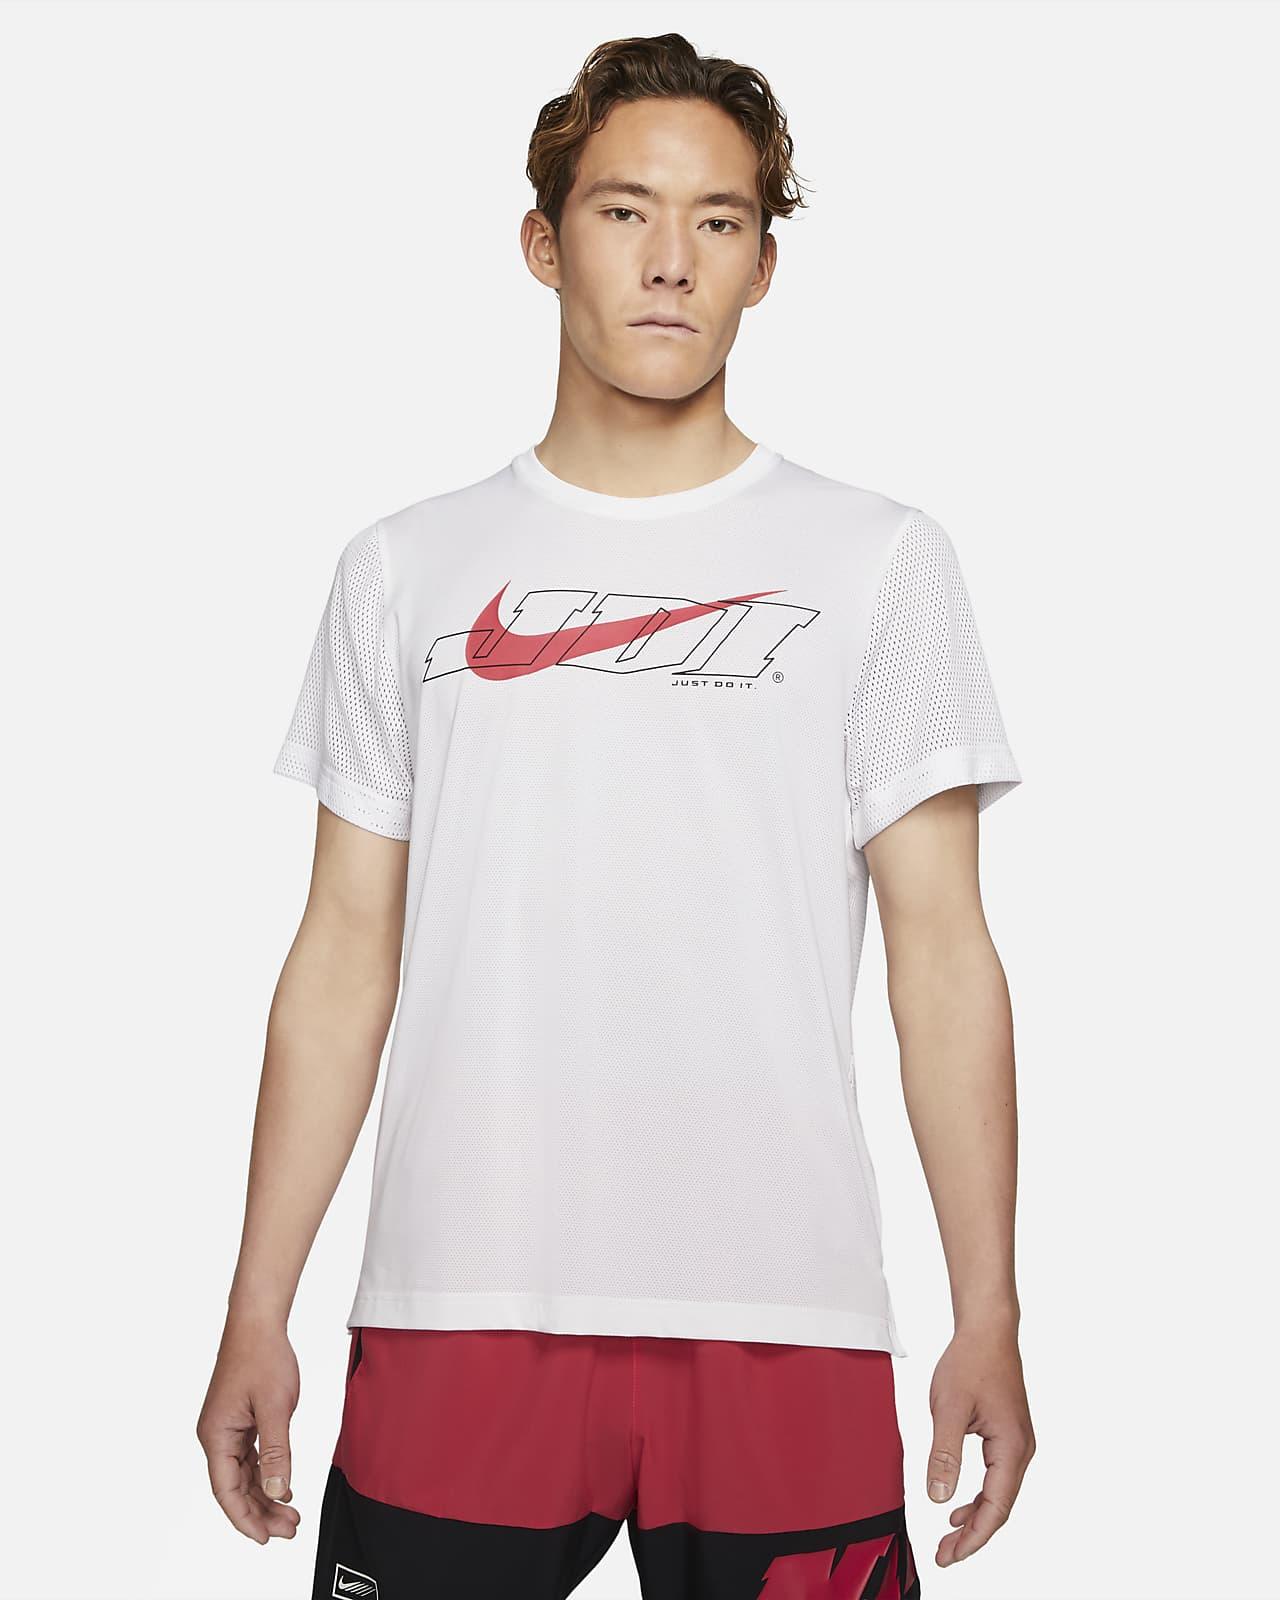 เสื้อเทรนนิ่งแขนสั้นผู้ชาย Nike Sport Clash